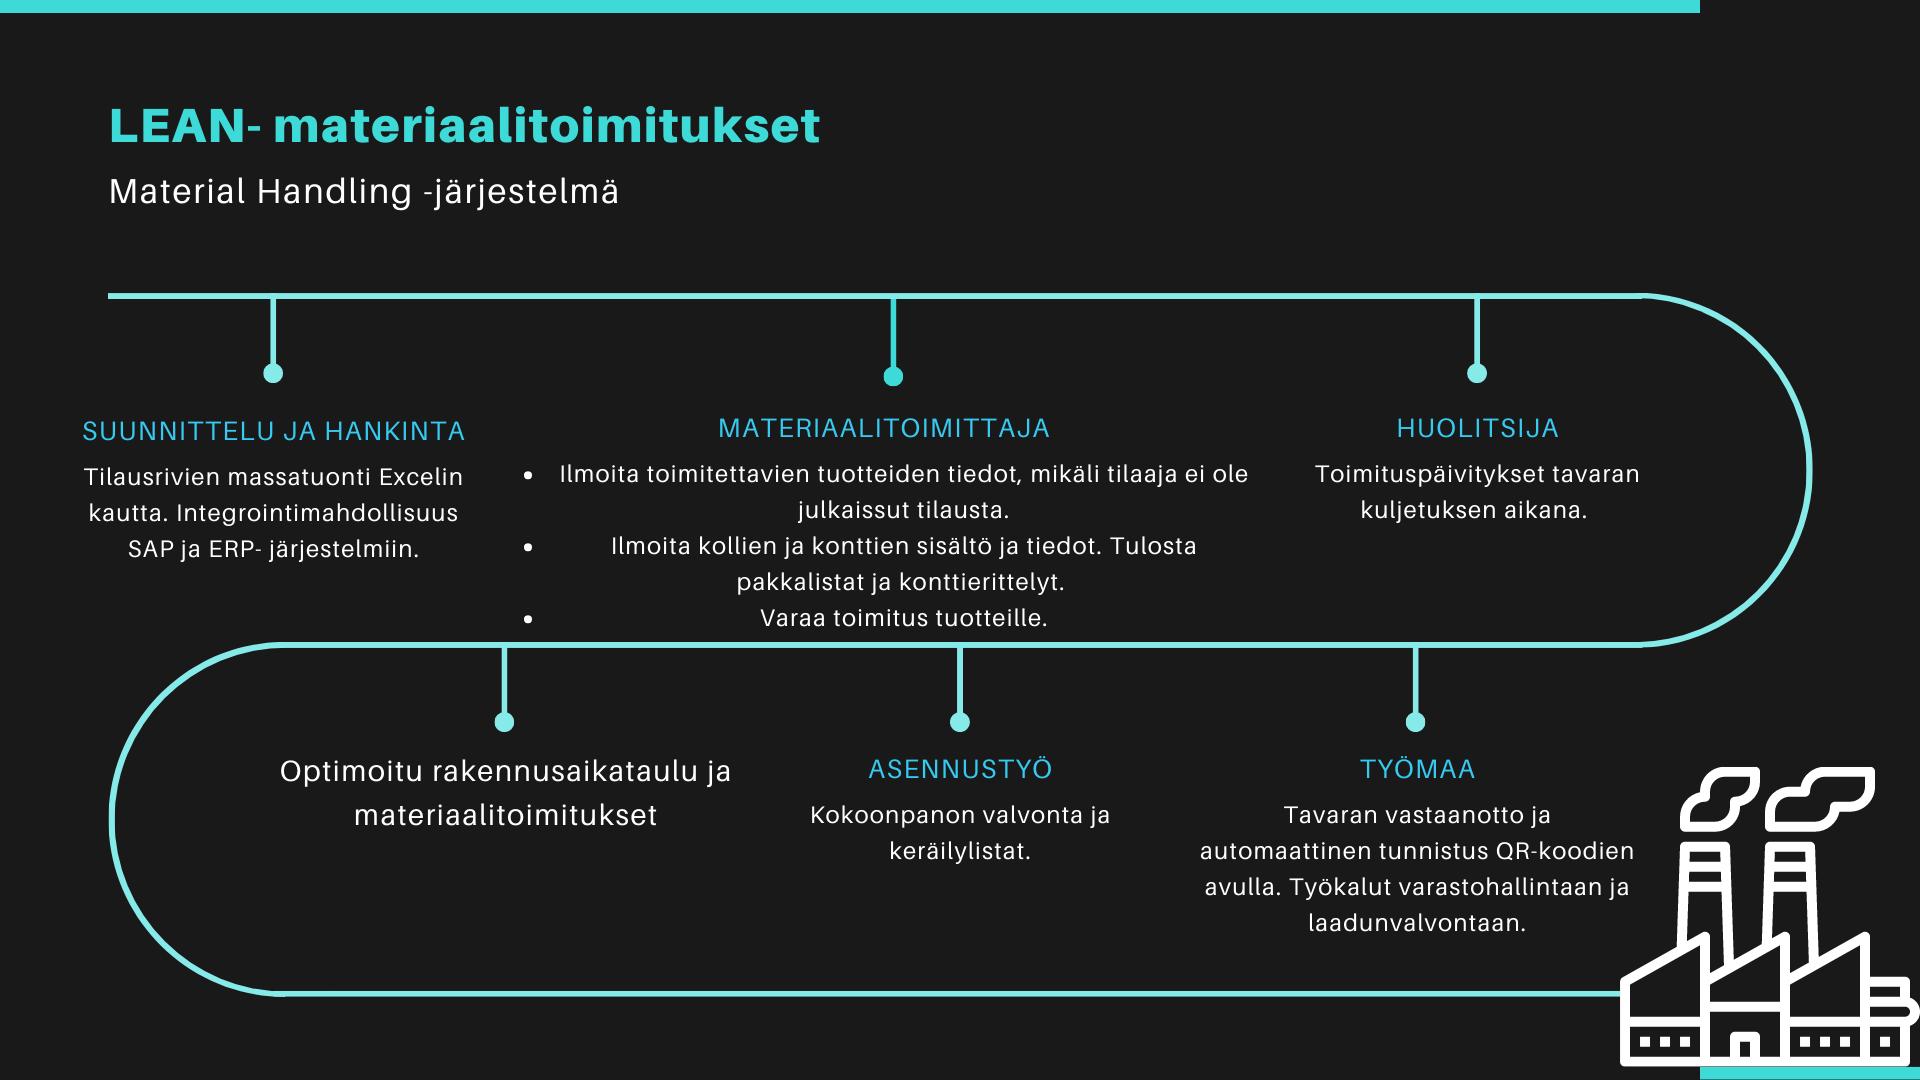 Materiaalitoimitusten eri vaiheet laitosprojekteissa